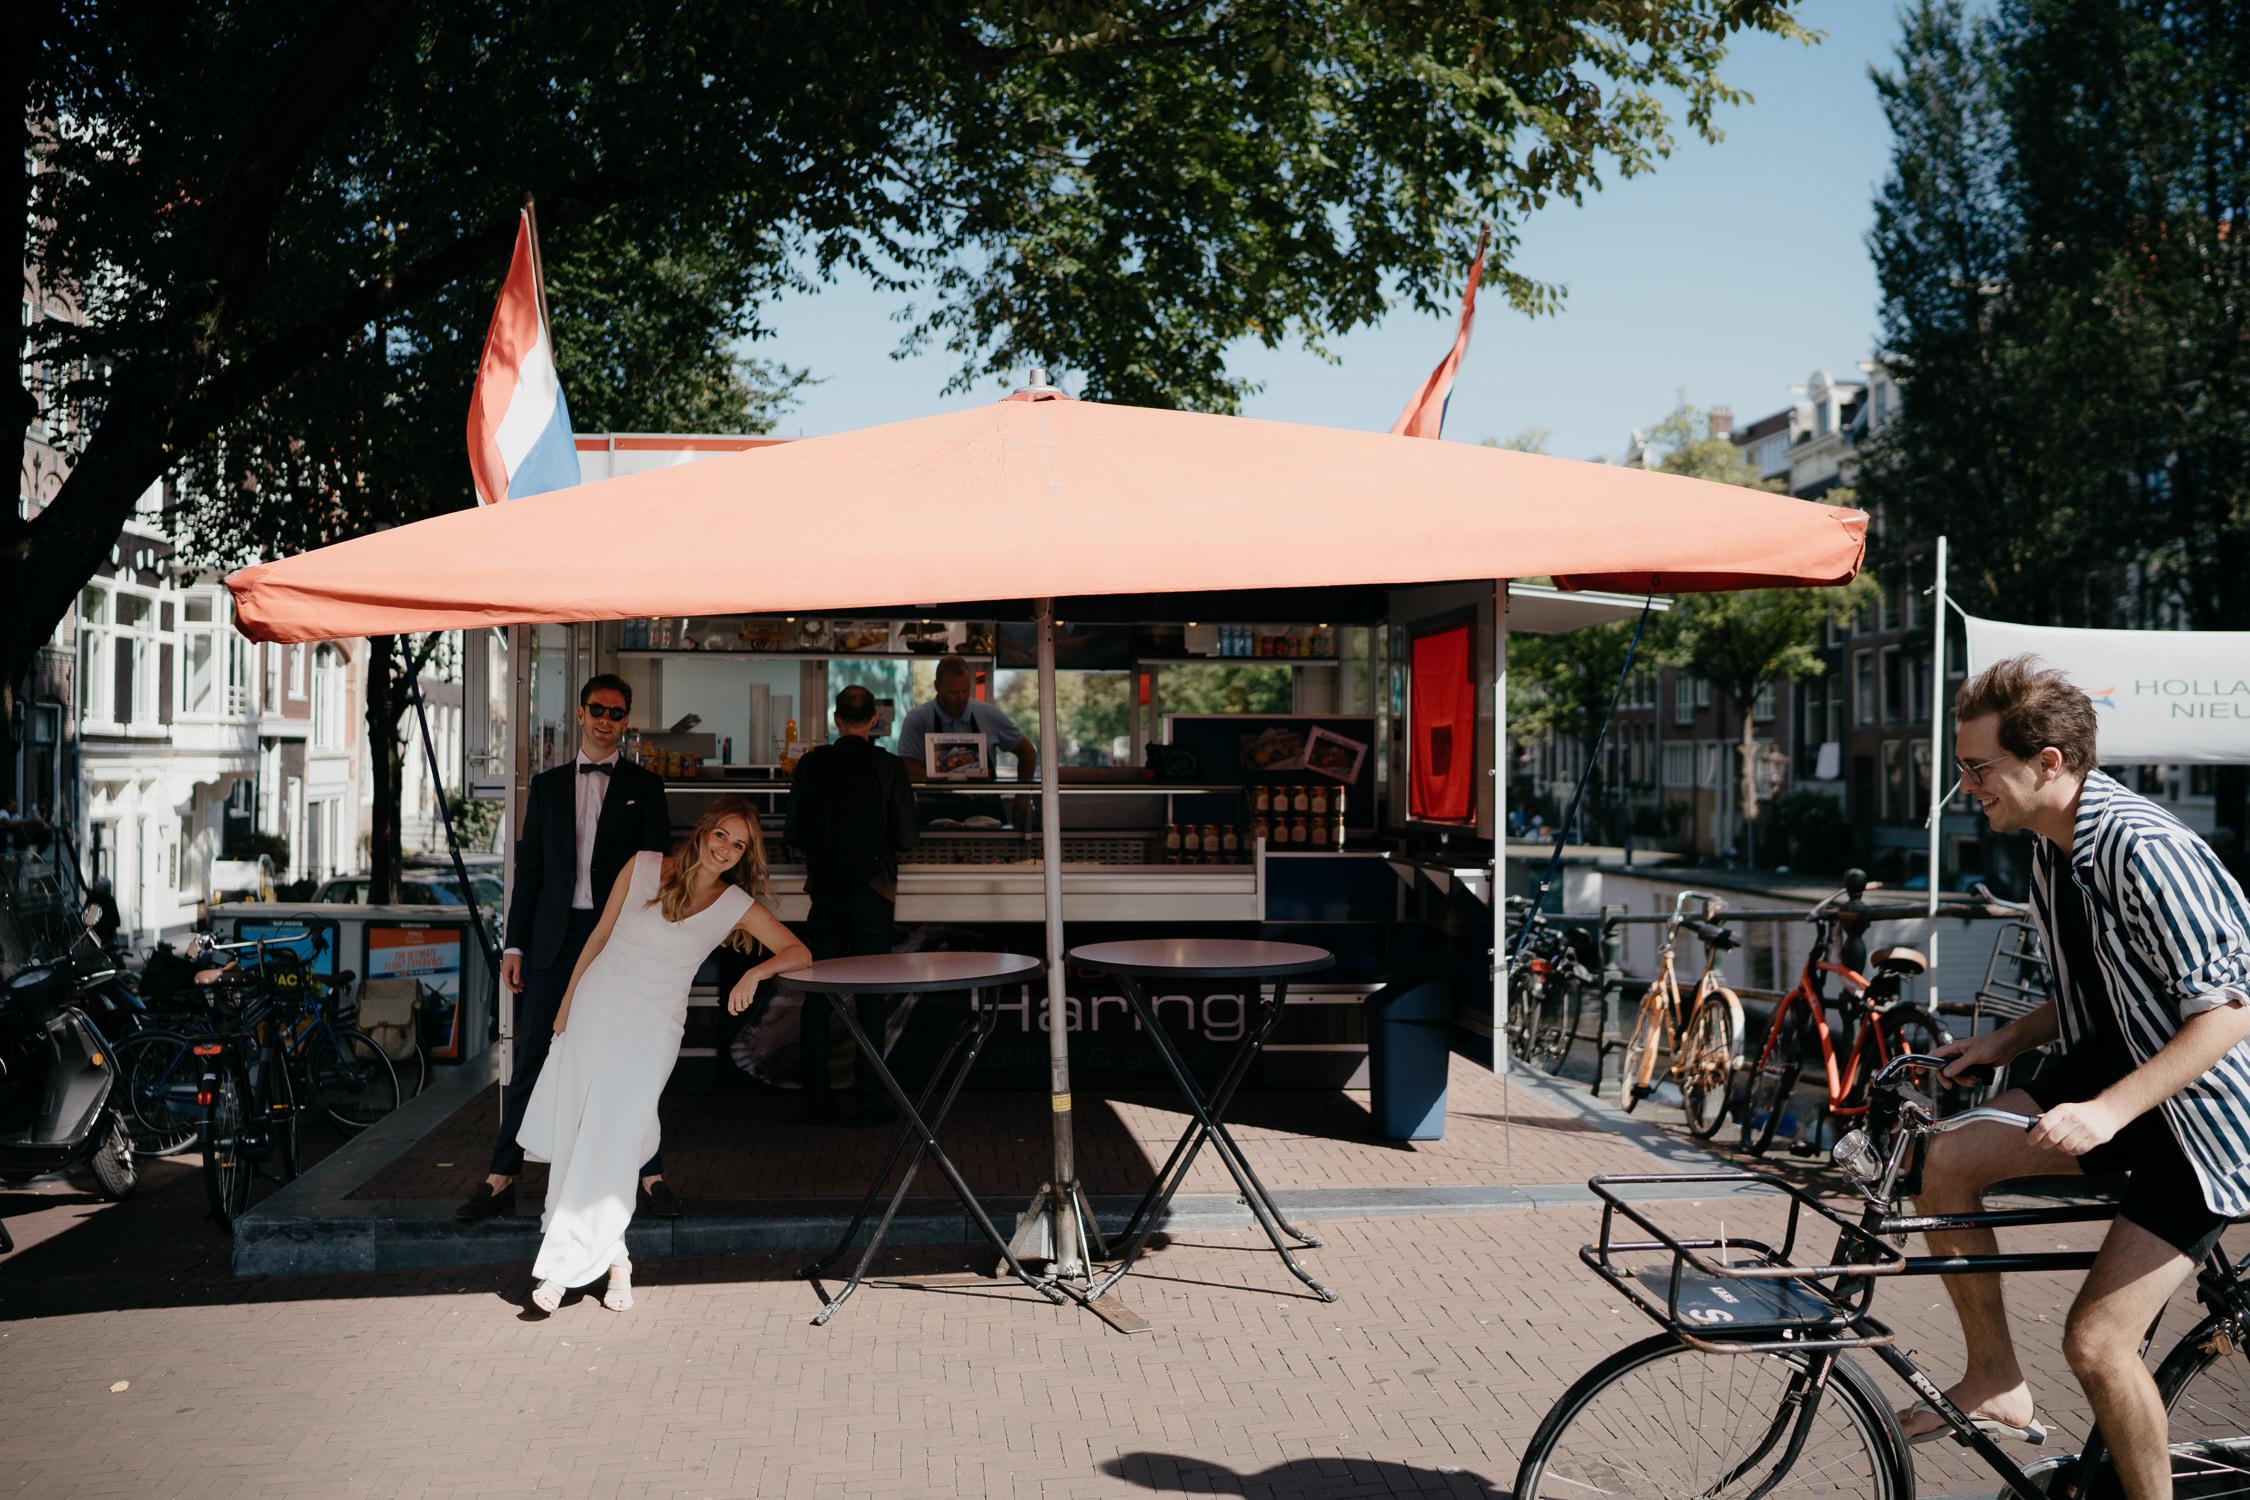 leuke creatieve trouw foto's gemaakt door trouwfotograaf mark hadden in amsterdam